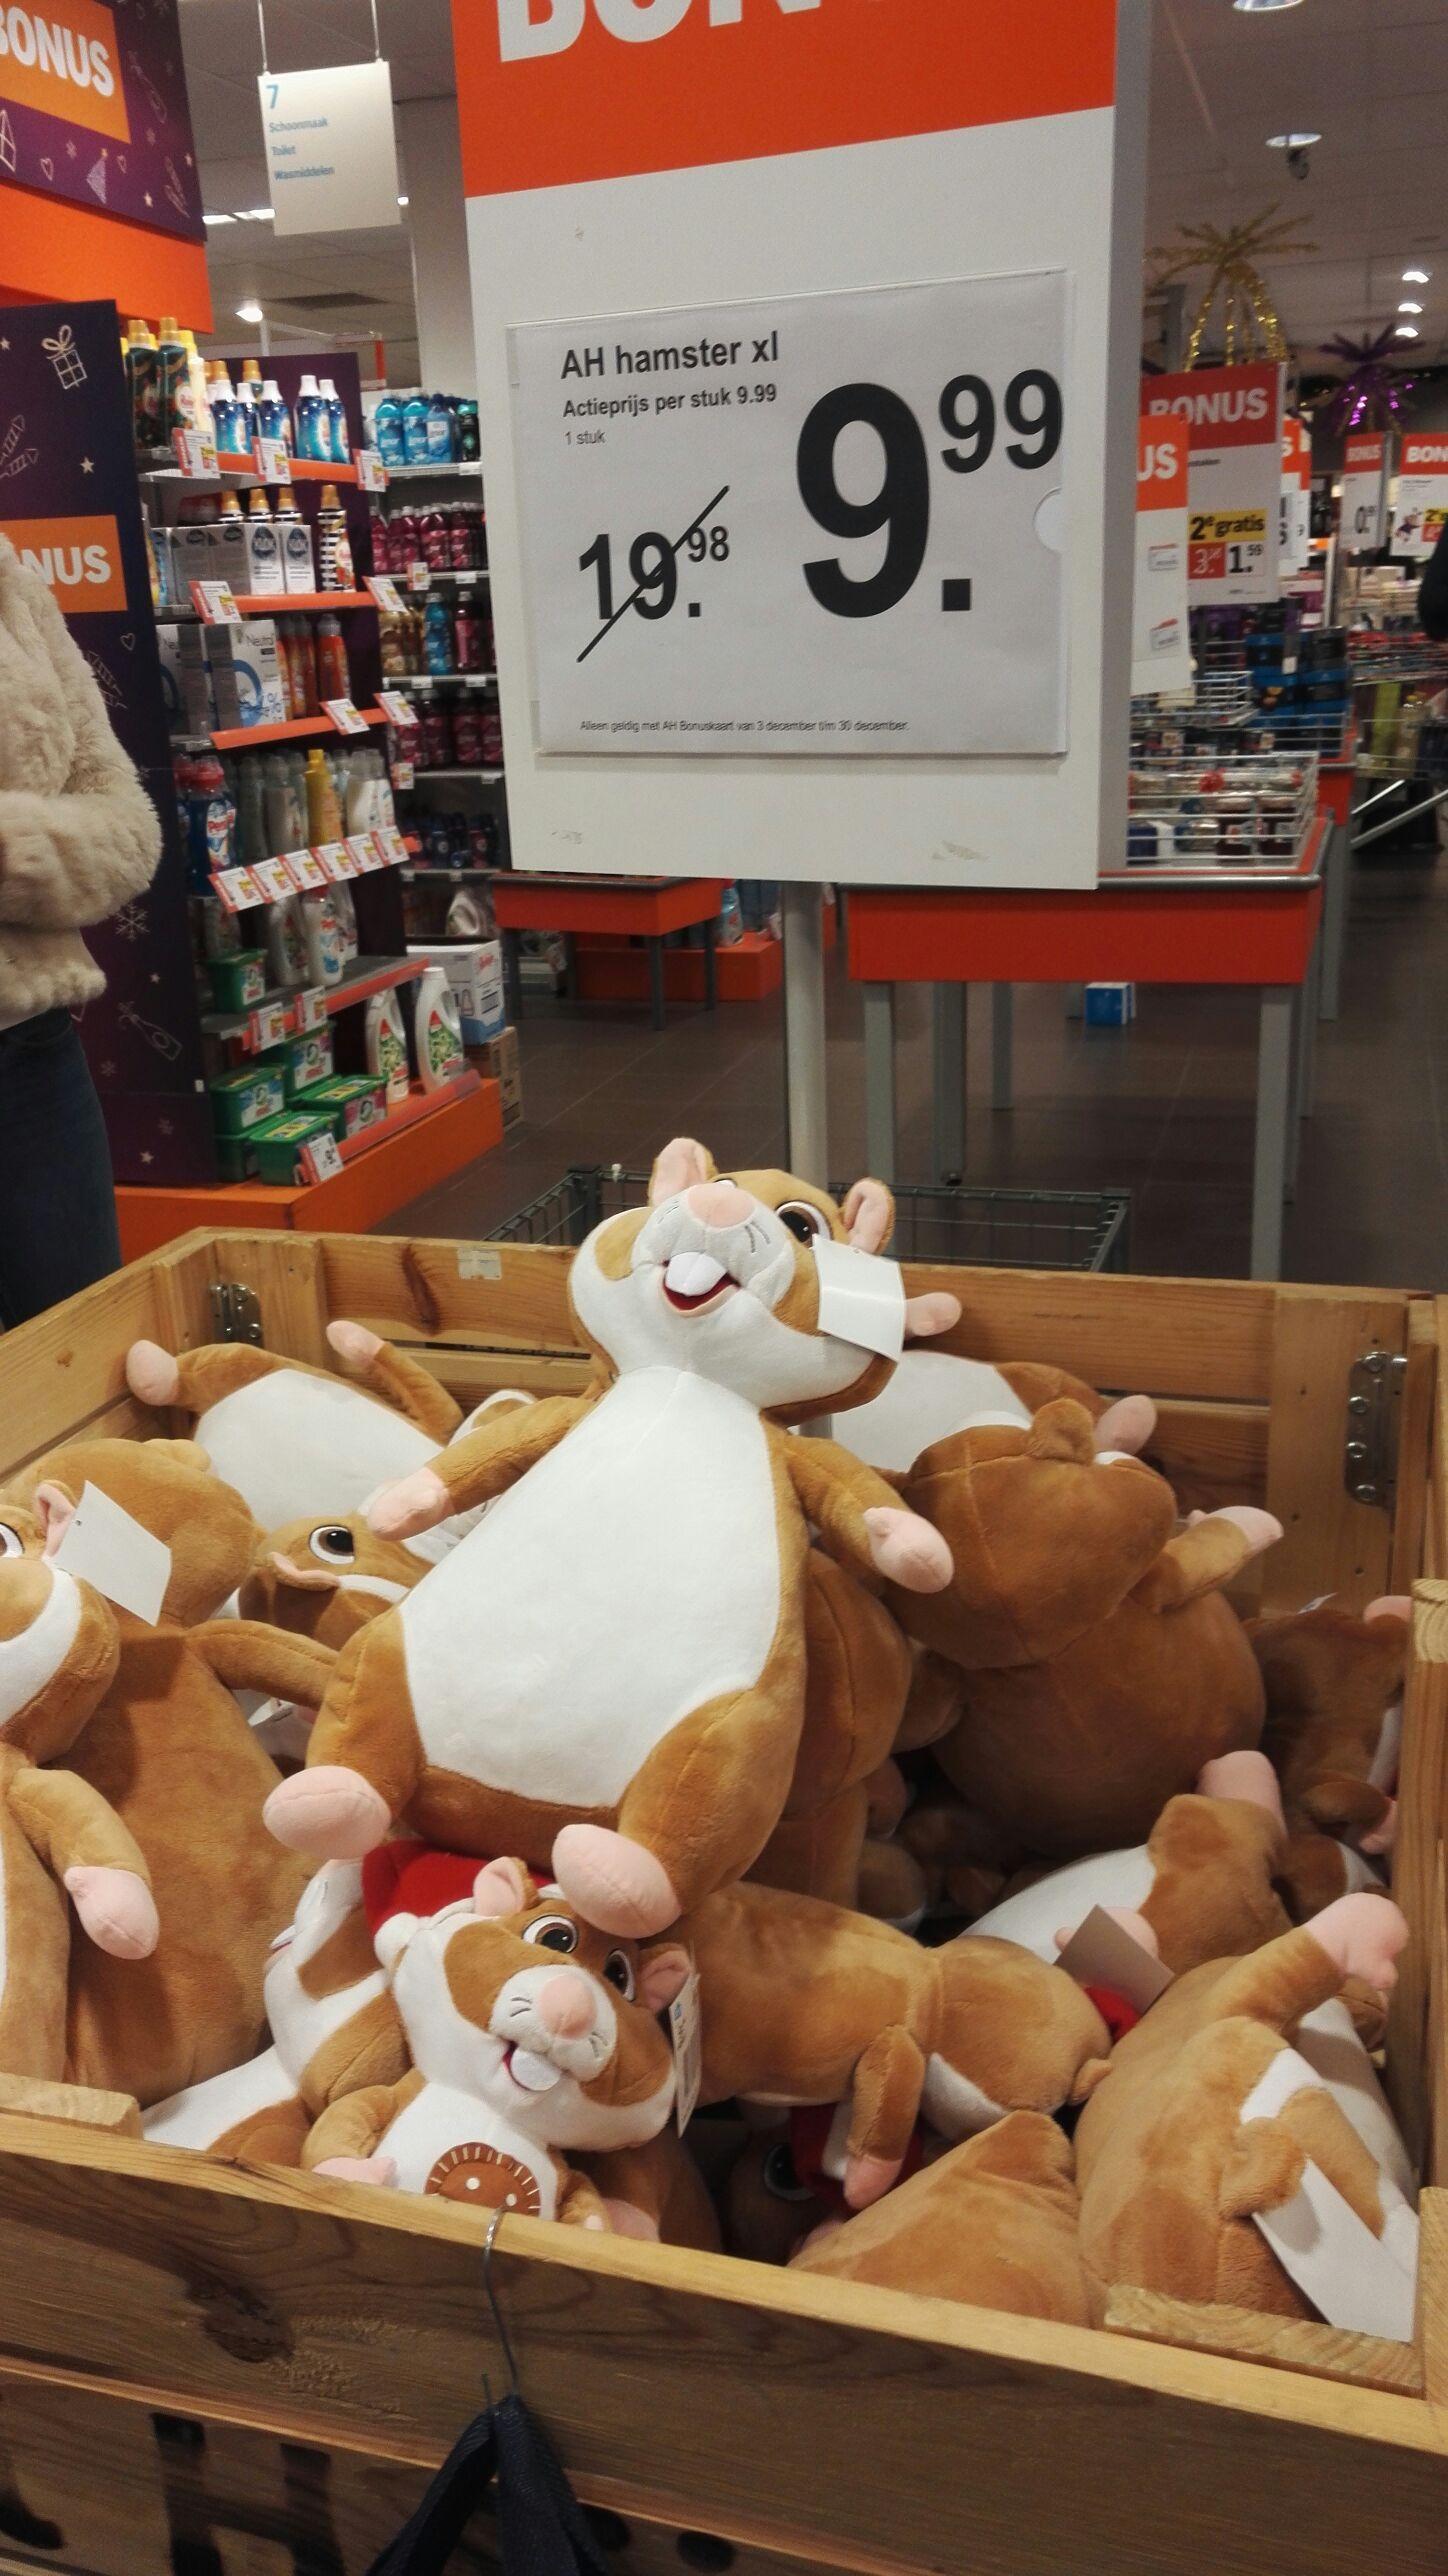 Hamster XL bij AH van 19,95 voor 9,95€